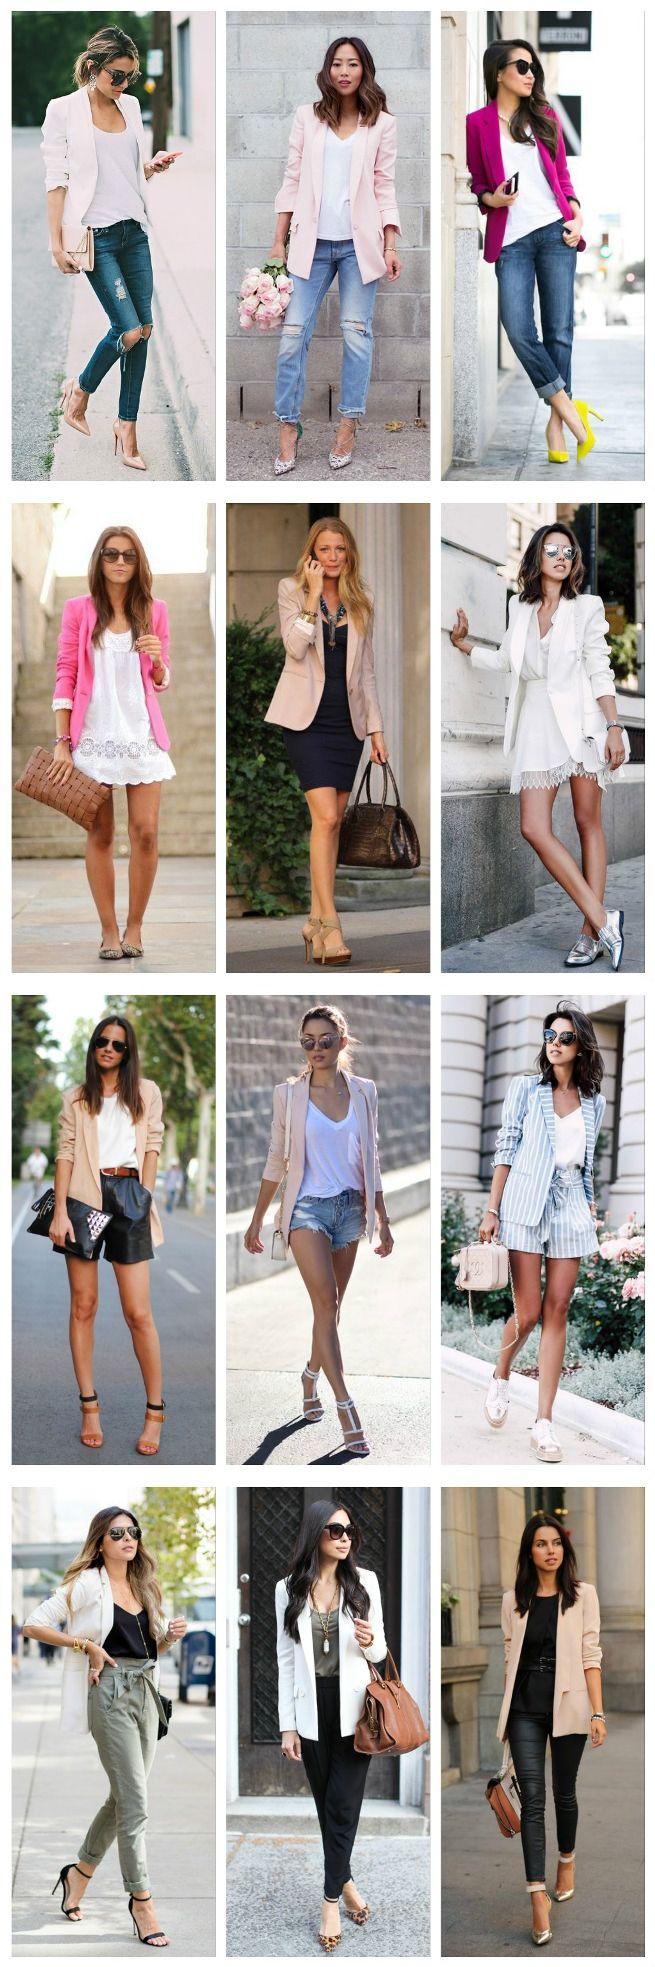 С чем носить женский блейзер? — Модно / Nemodno